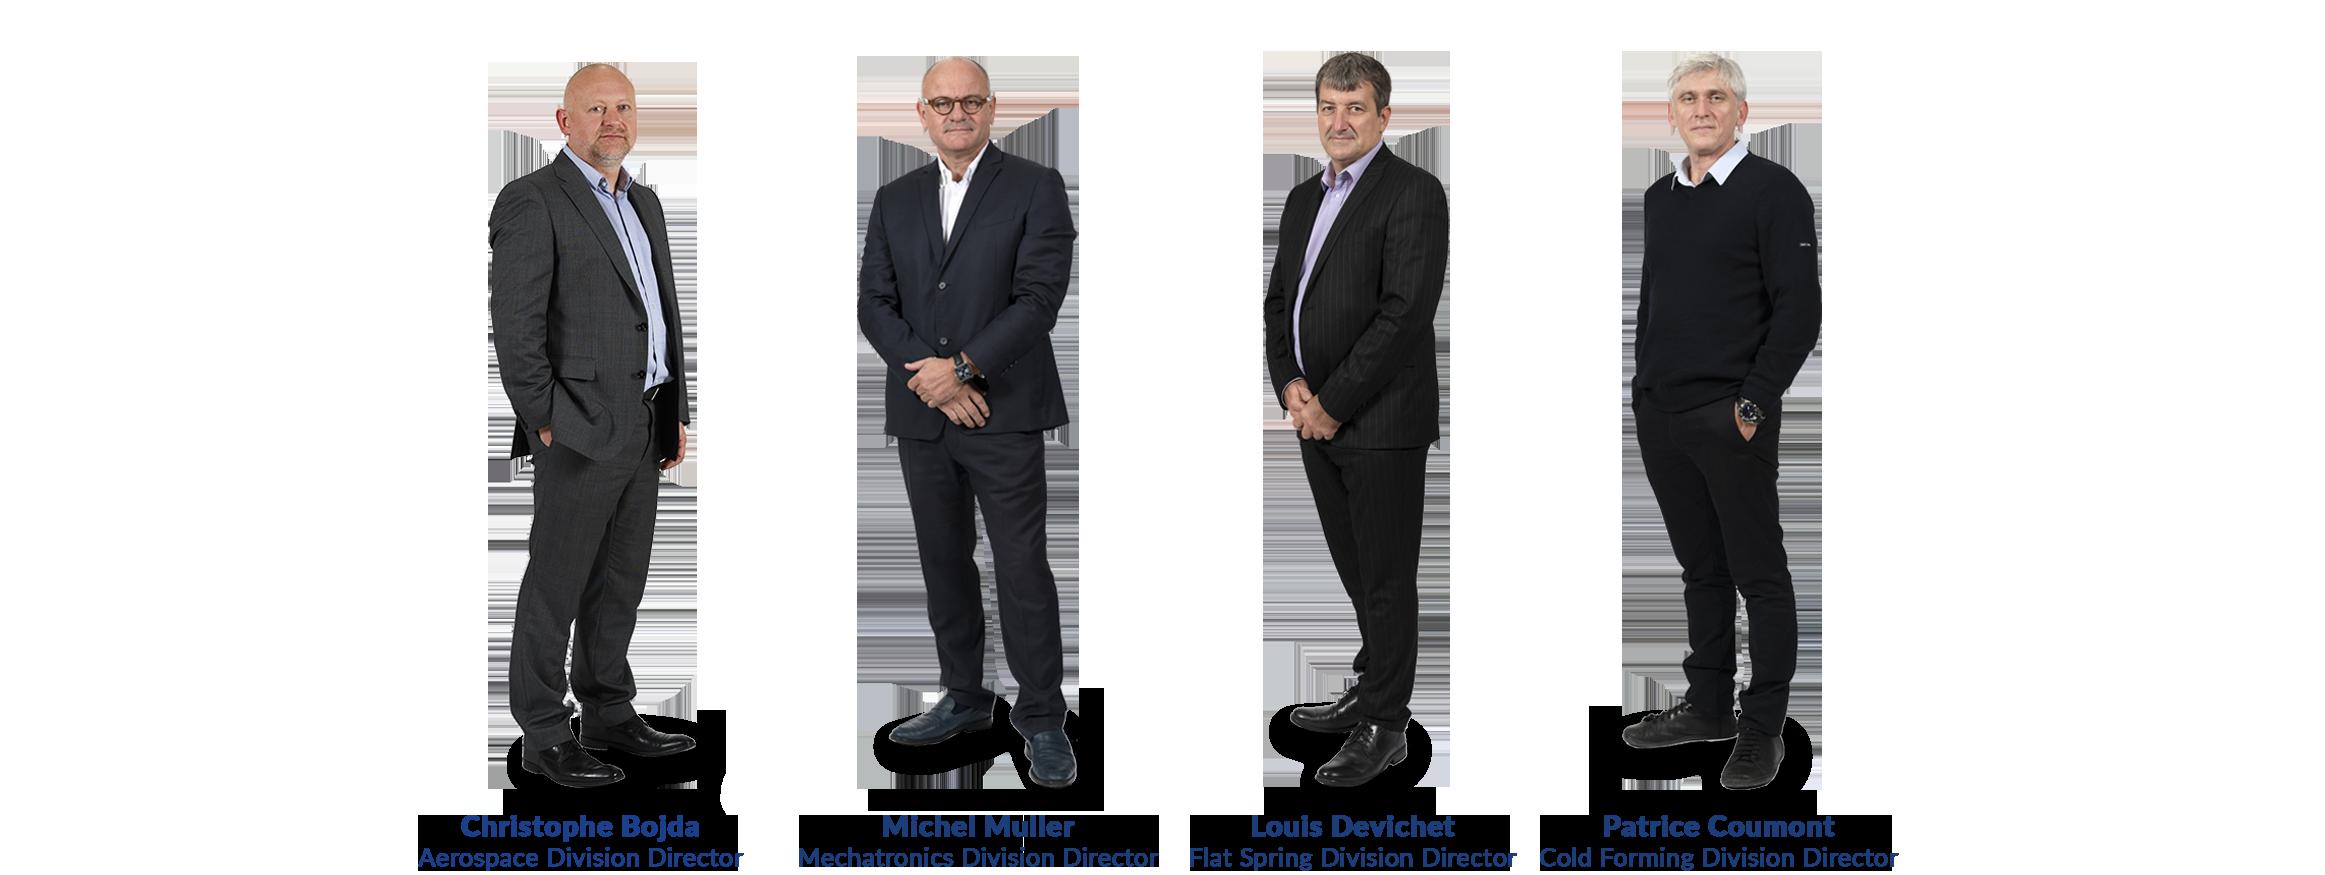 CGR_management-team_factory_4-directors_6-1